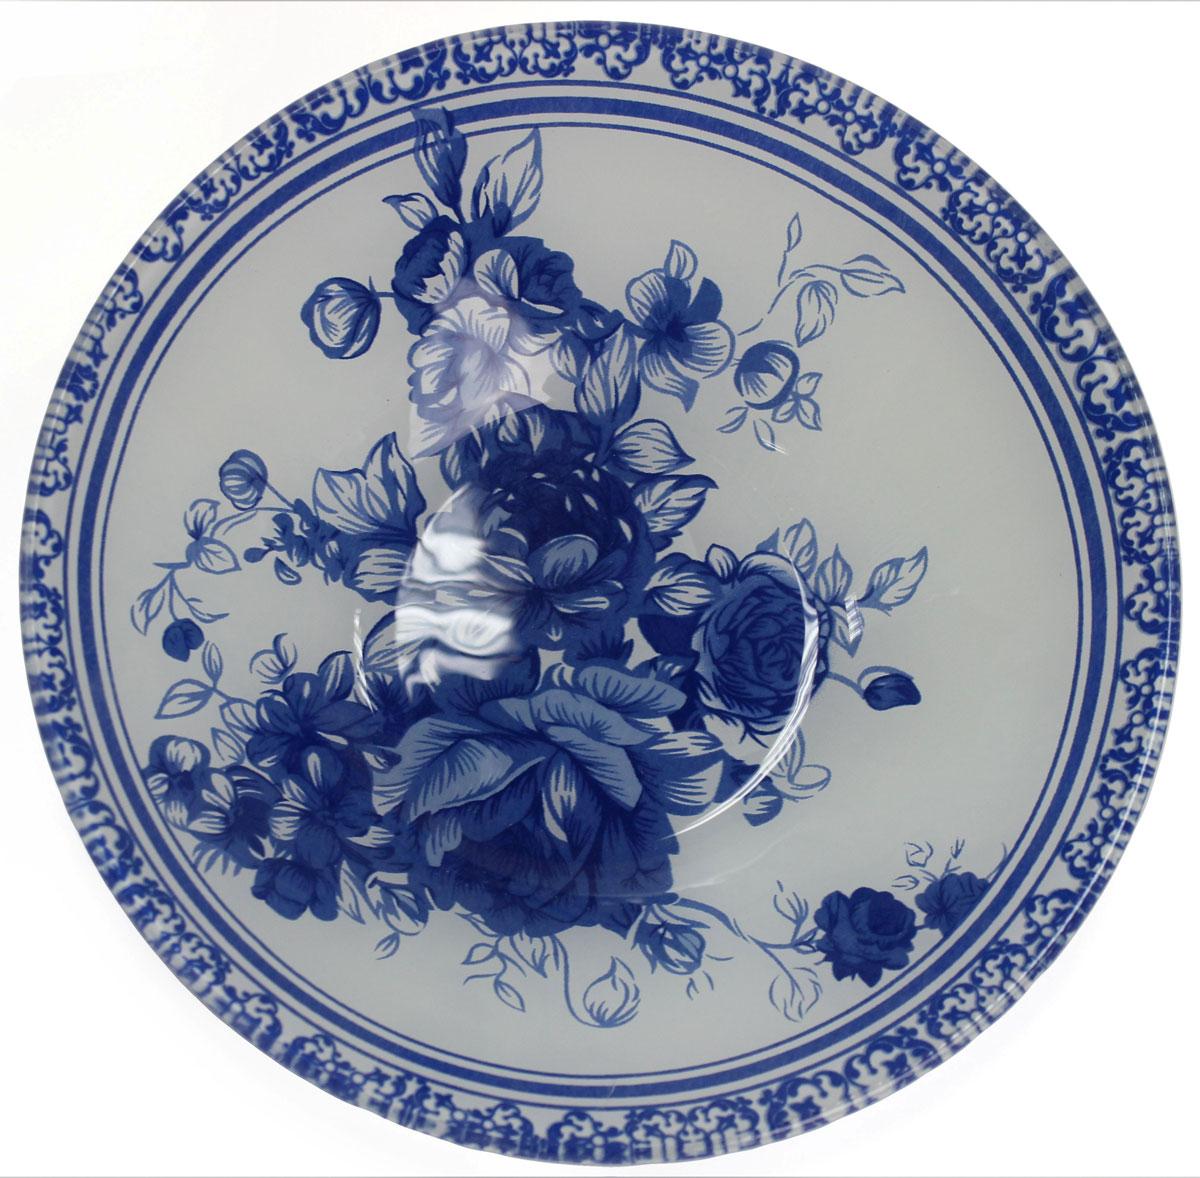 Салатник Vetta Гжельские мотивы, 500 мл. 830012830012Салатник Vetta Гжельские мотивы для порционной сервировки салатов и десертов. Подойдет для украшения праздничного стола, так и для повседневного использования.